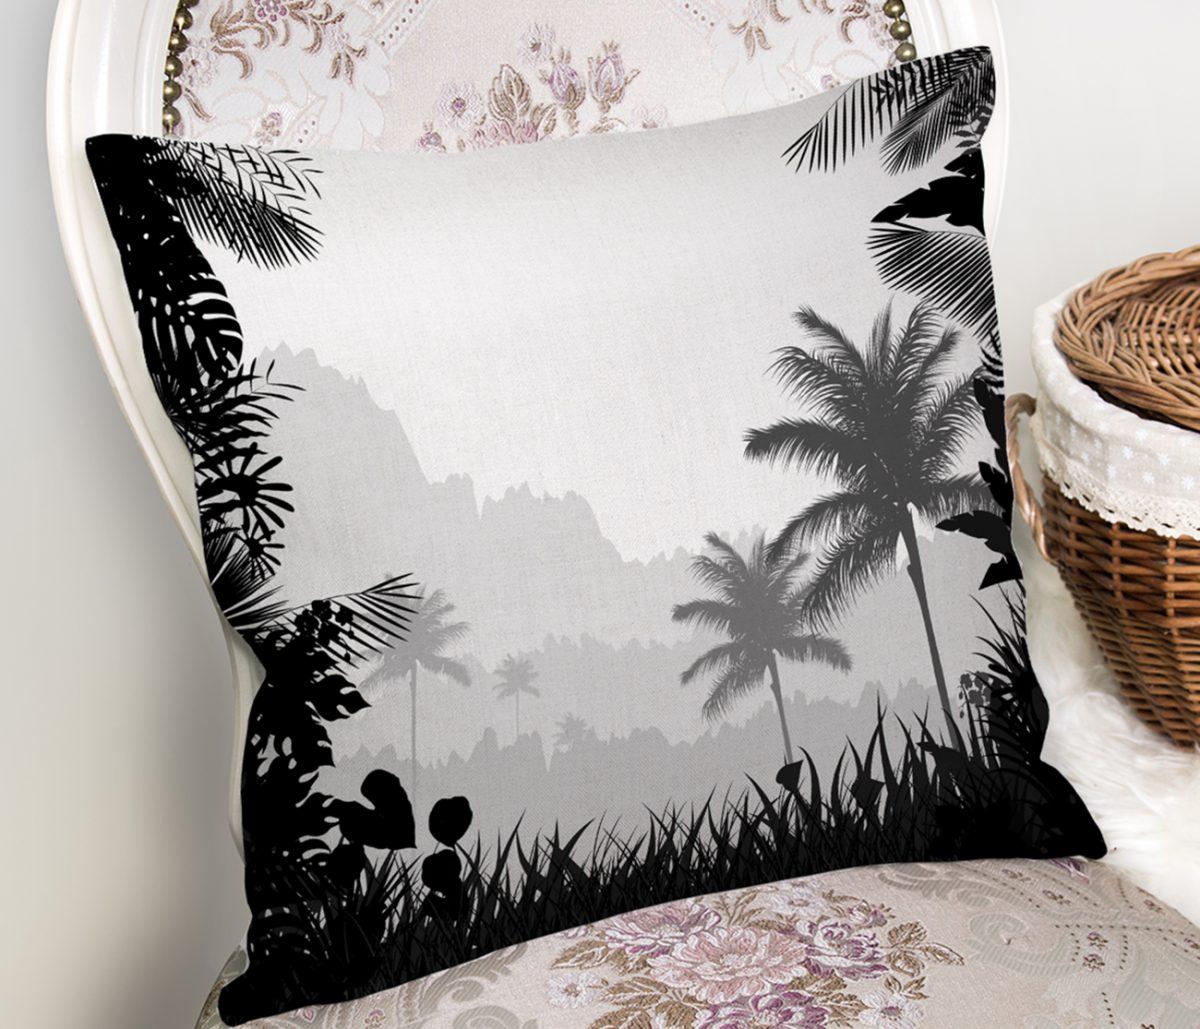 Doğa Temalı Palmiye Ağaç Desenli Kırlent Kılıfı Realhomes